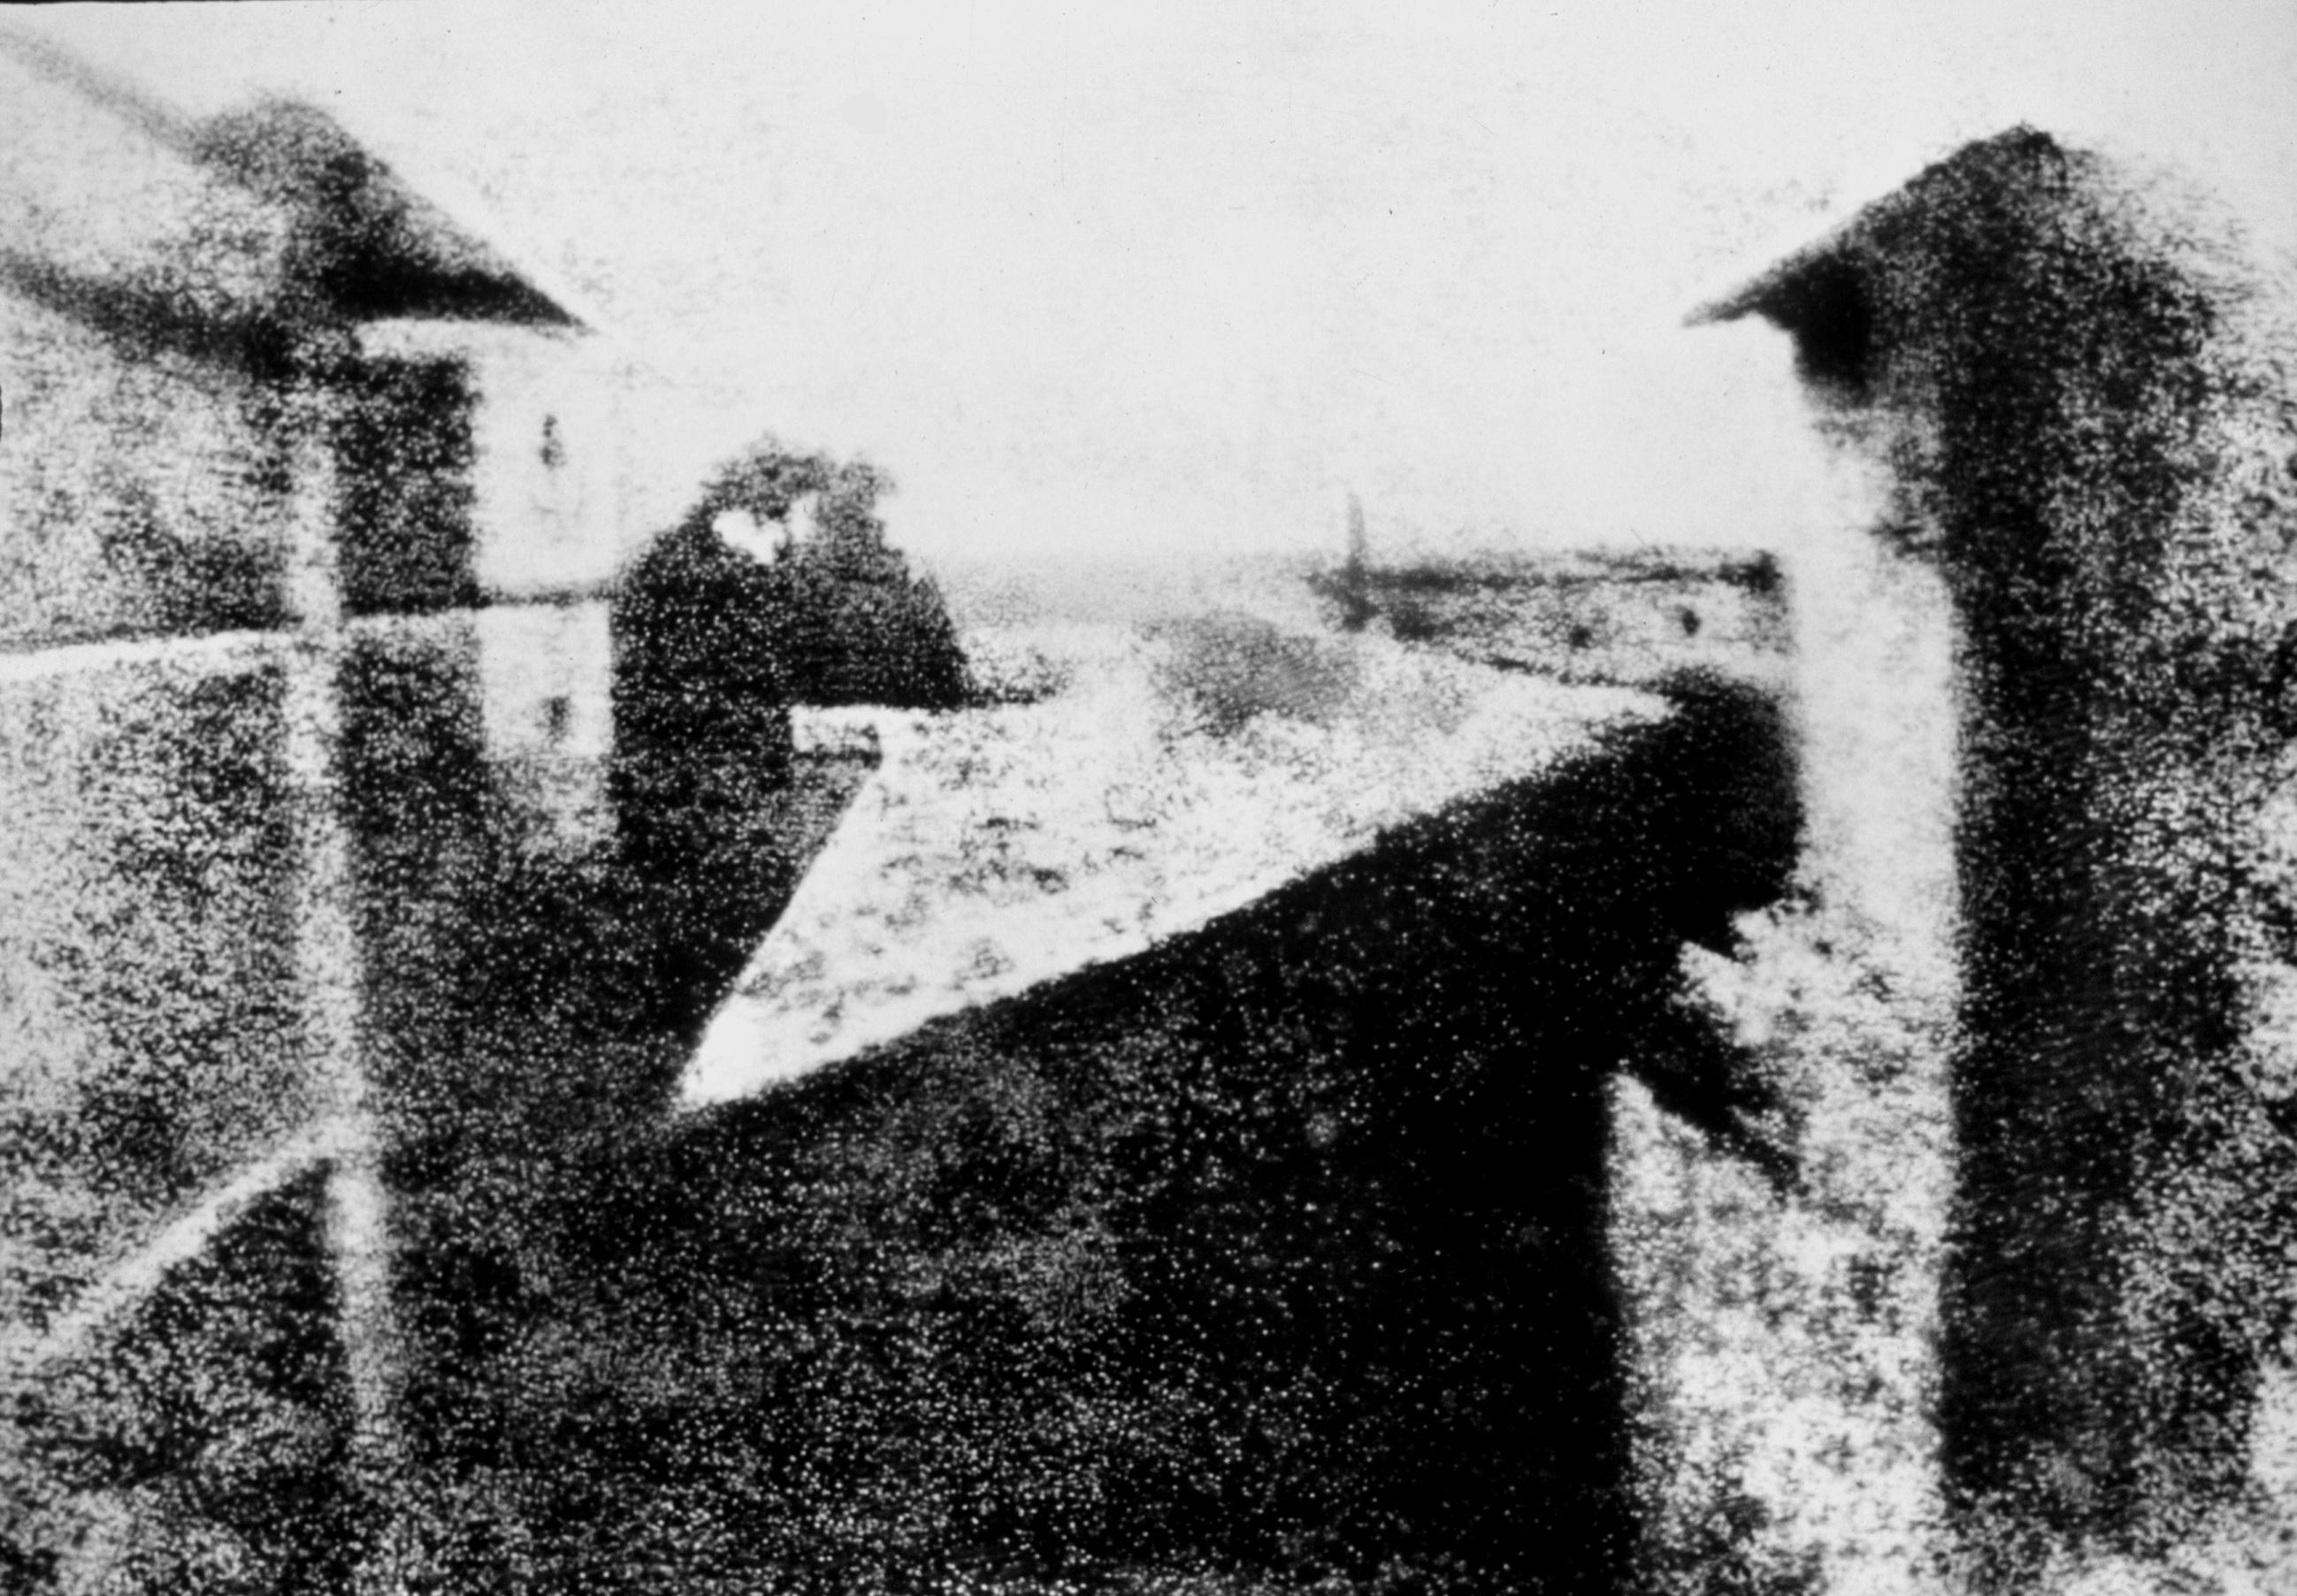 Istorija fotografije – svetlopis koji čuva uspomene